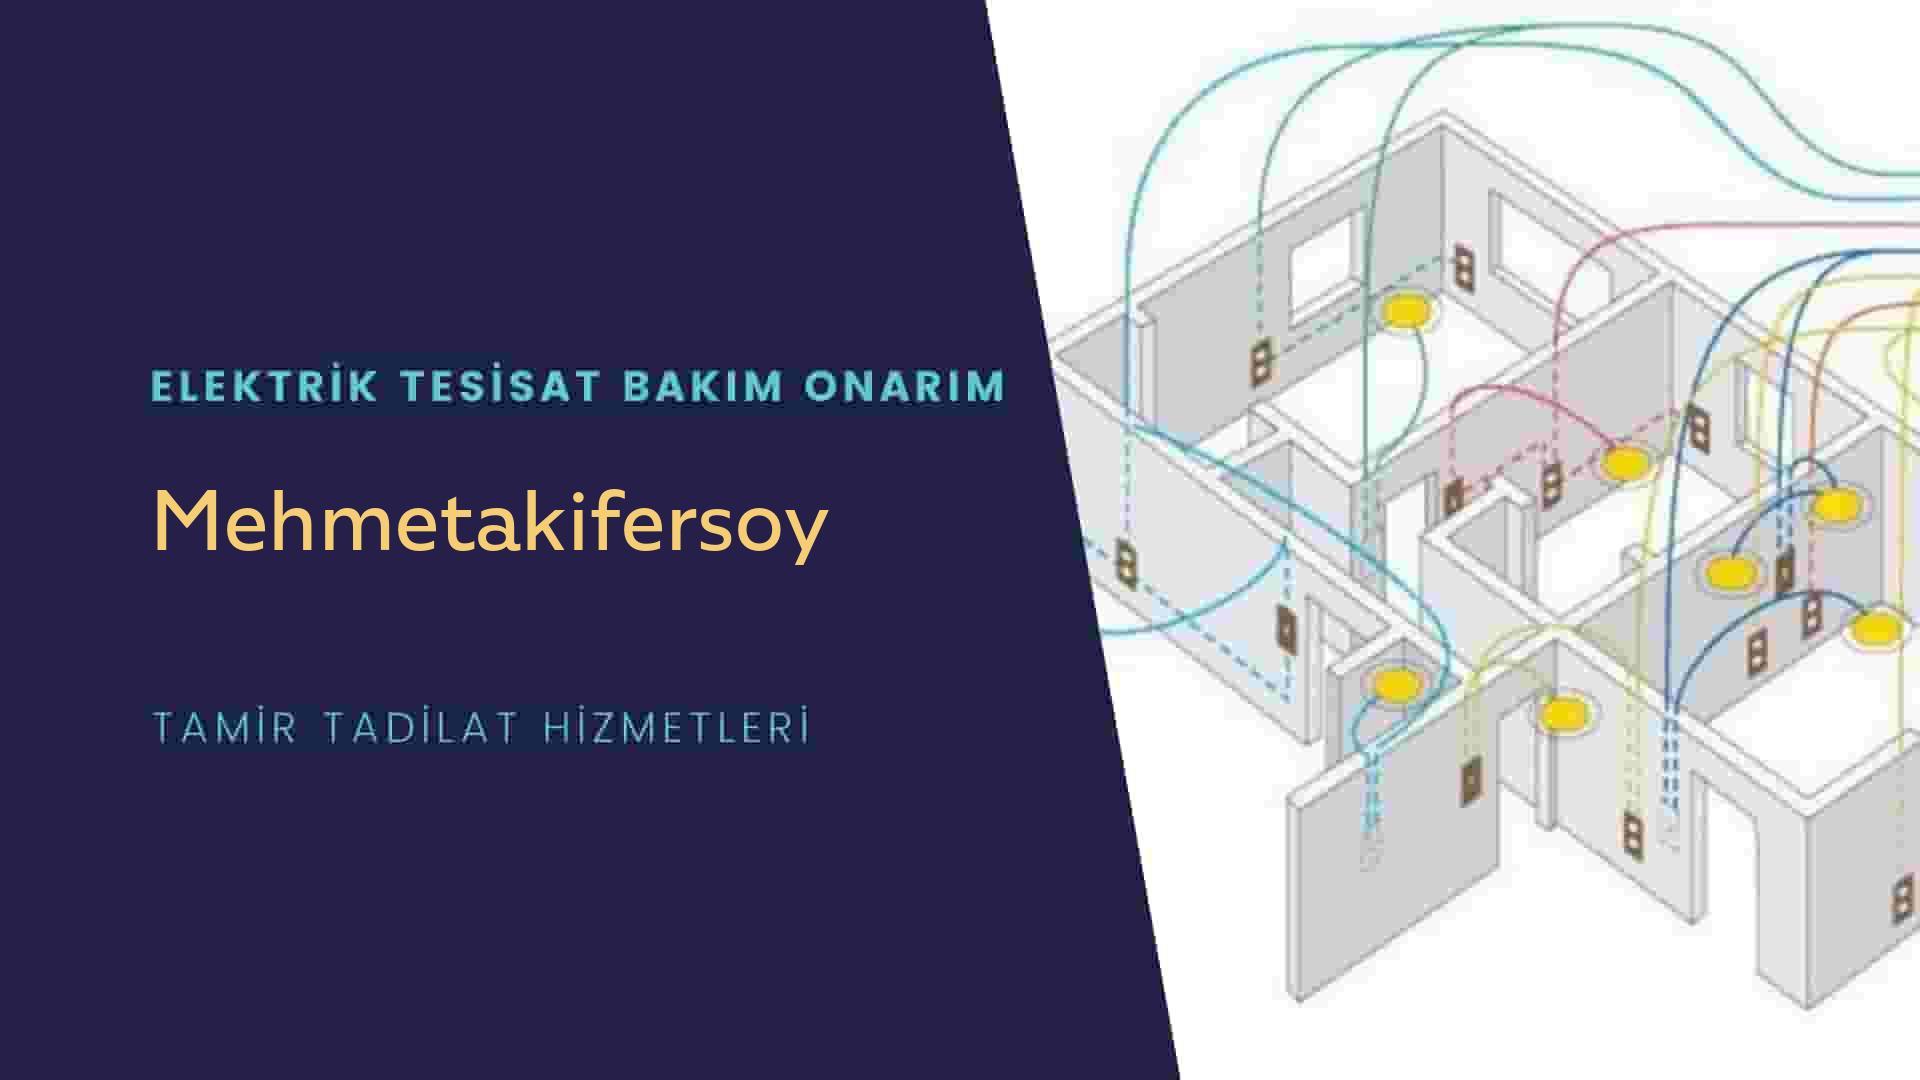 Mehmetakifersoy  elektrik tesisatıustalarımı arıyorsunuz doğru adrestenizi Mehmetakifersoy elektrik tesisatı ustalarımız 7/24 sizlere hizmet vermekten mutluluk duyar.